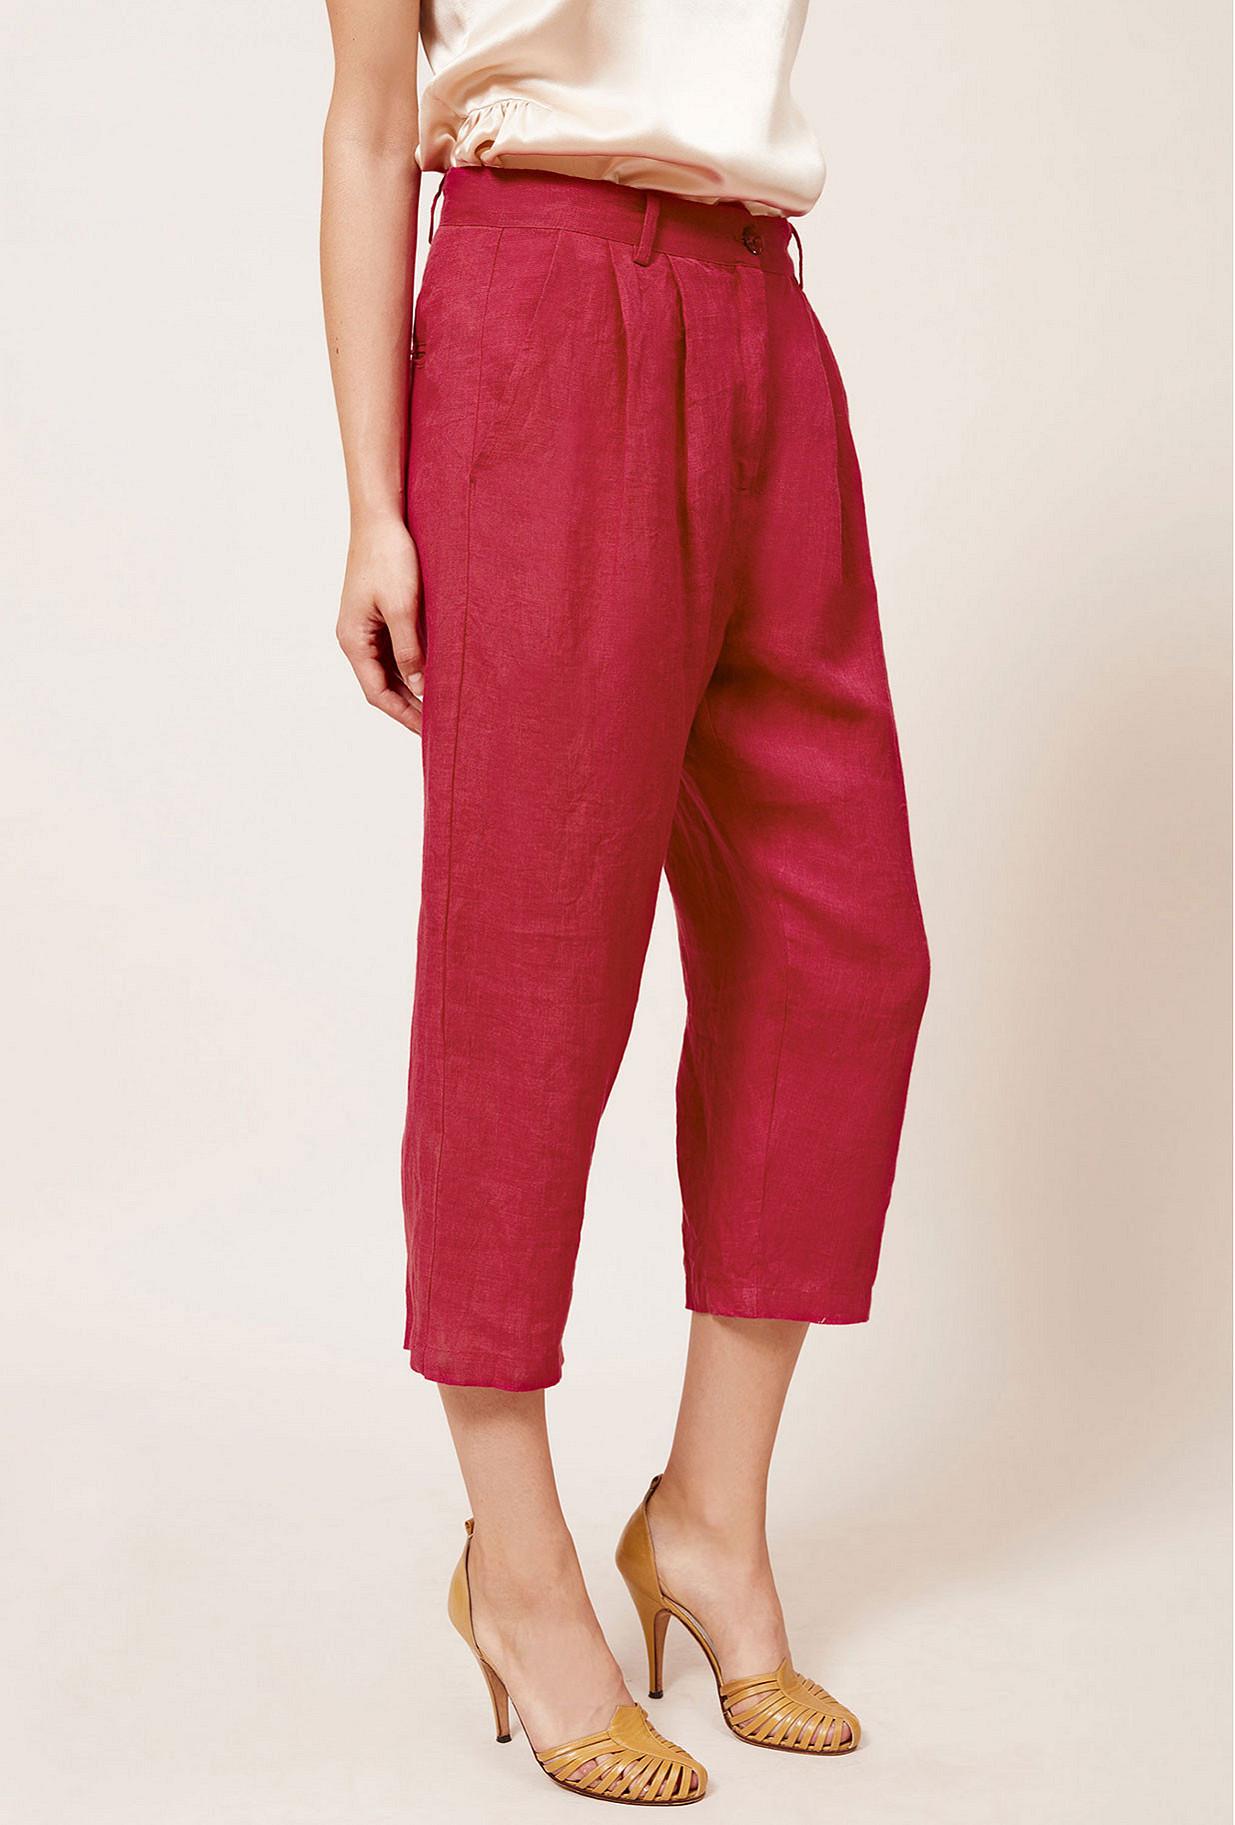 Paris boutique de mode vêtement Pantalon créateur bohème  Bernard